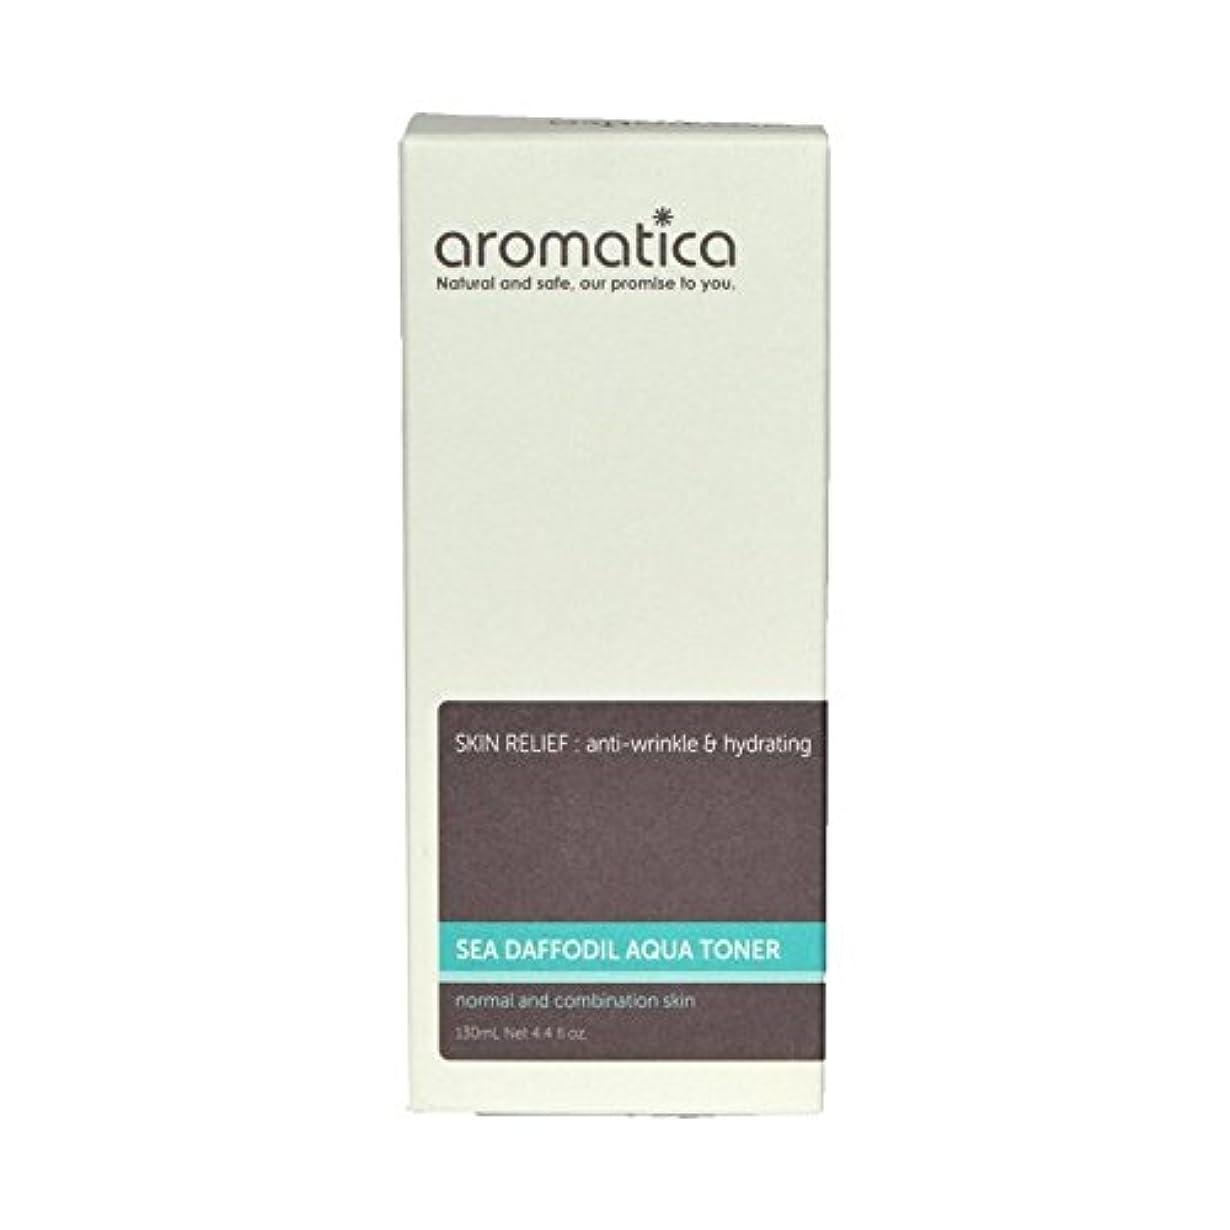 目指す国民読みやすい海スイセンアクアトナー130ミリリットル x4 - aromatica Sea Daffodil Aqua Toner 130ml (Pack of 4) [並行輸入品]